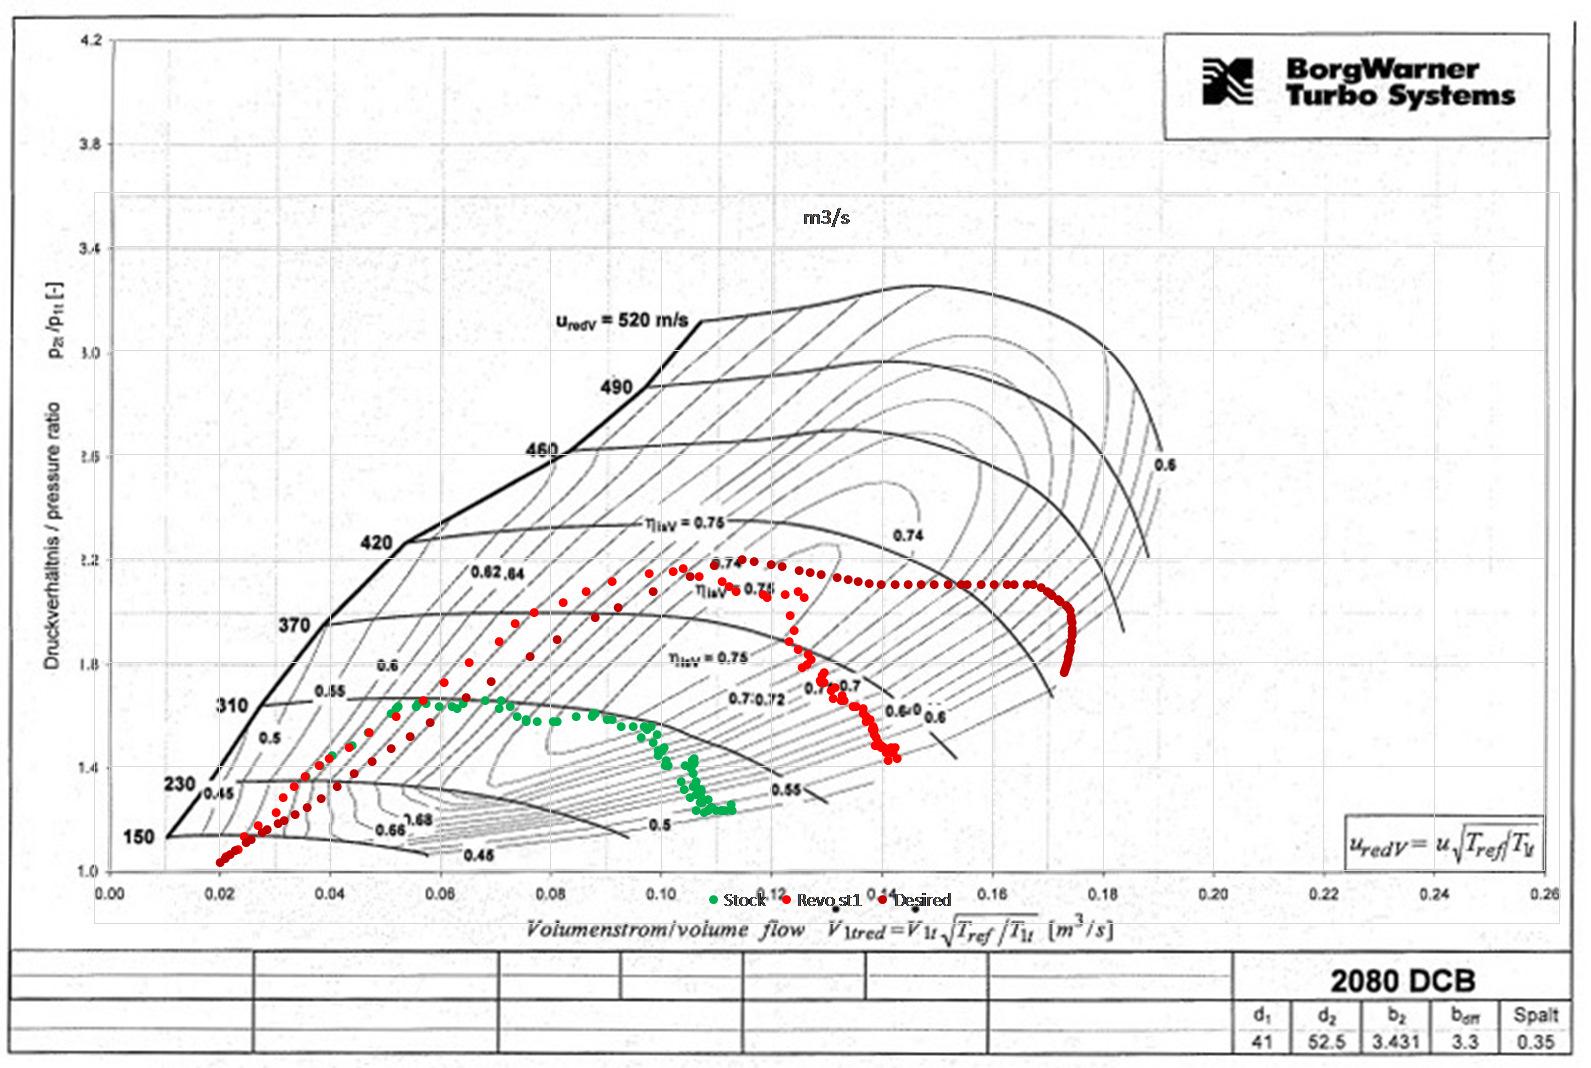 Компрессорные карты и мощностные показатели турбин